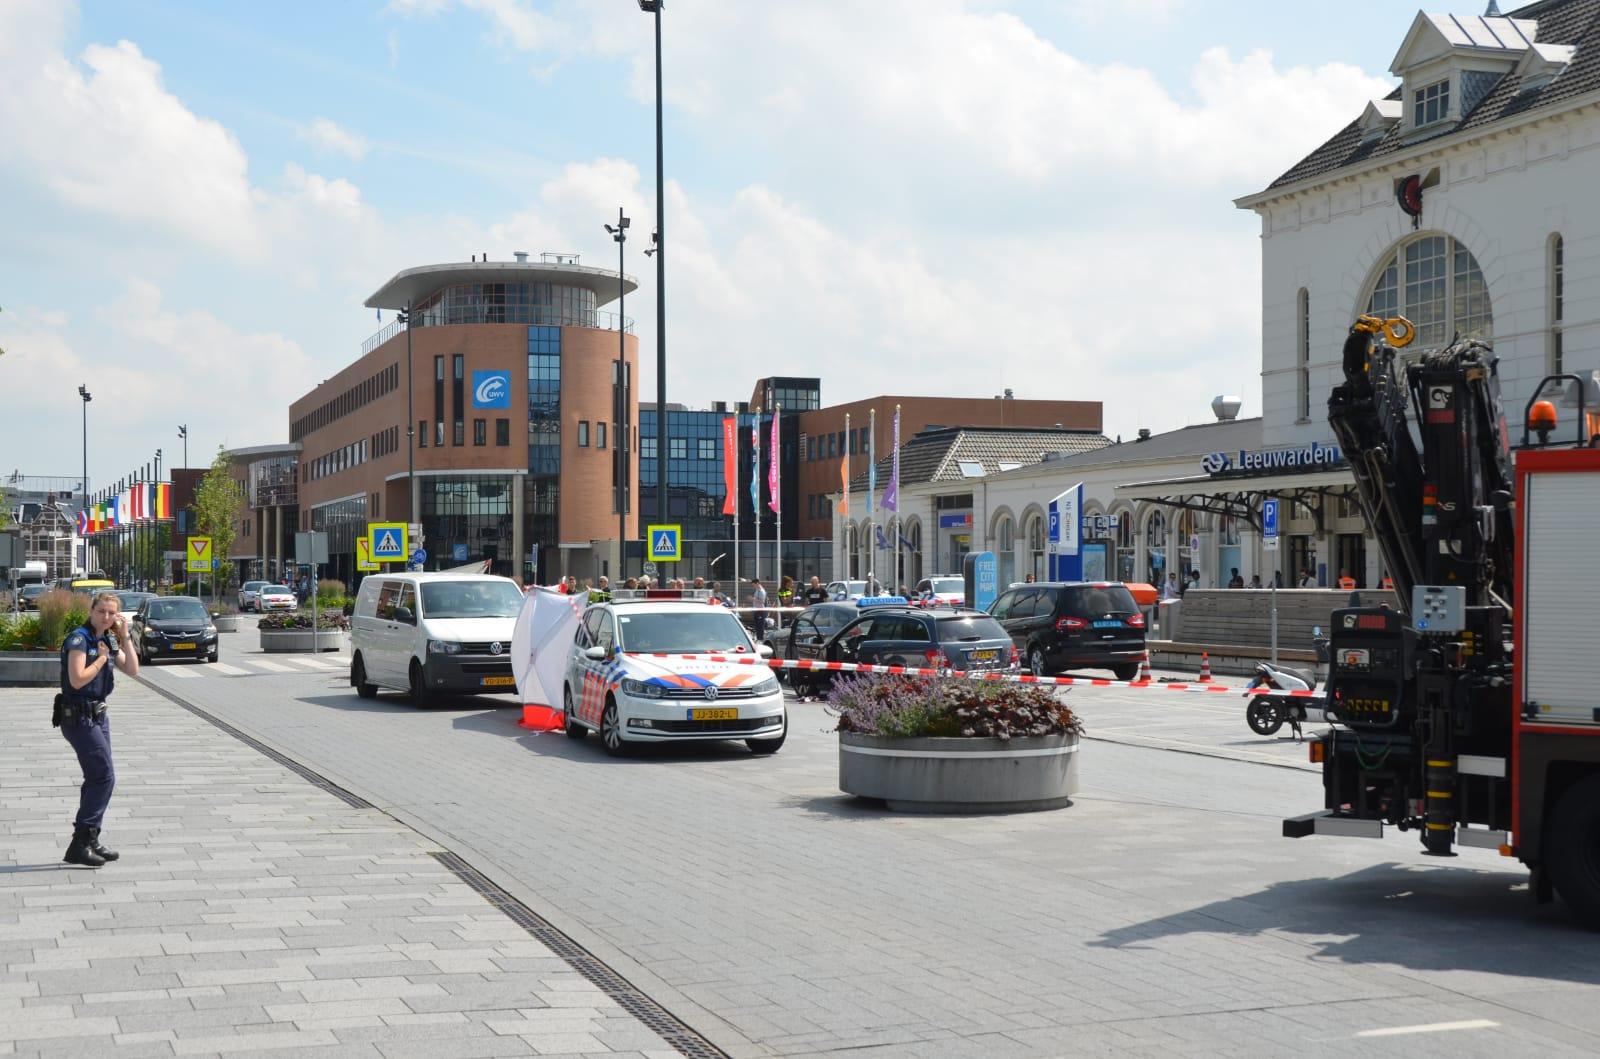 Update Persoon raakt zwaargewond na steekpartij in Leeuwarden